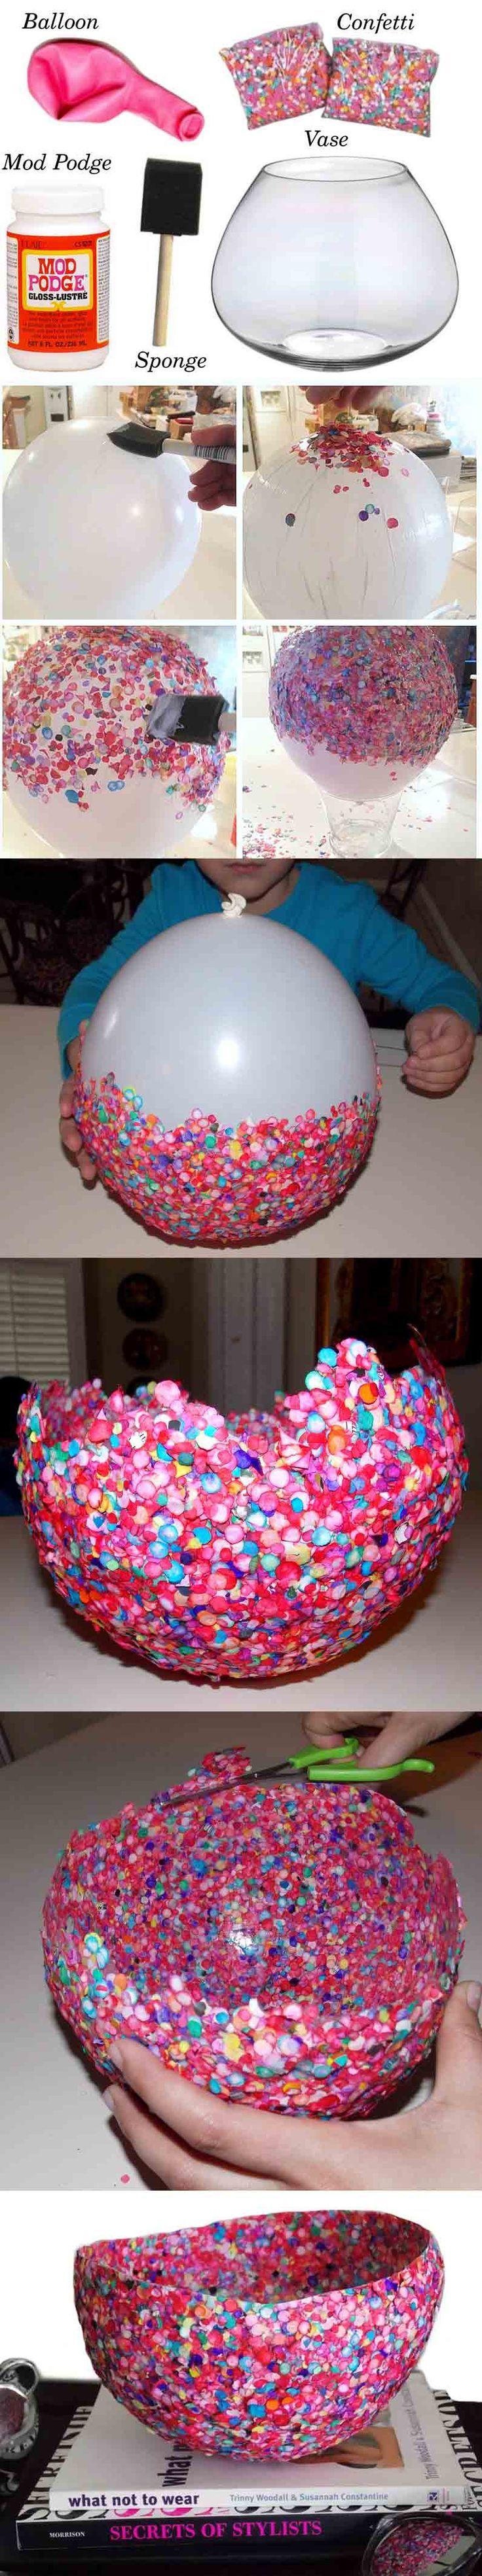 Saladier Confettis